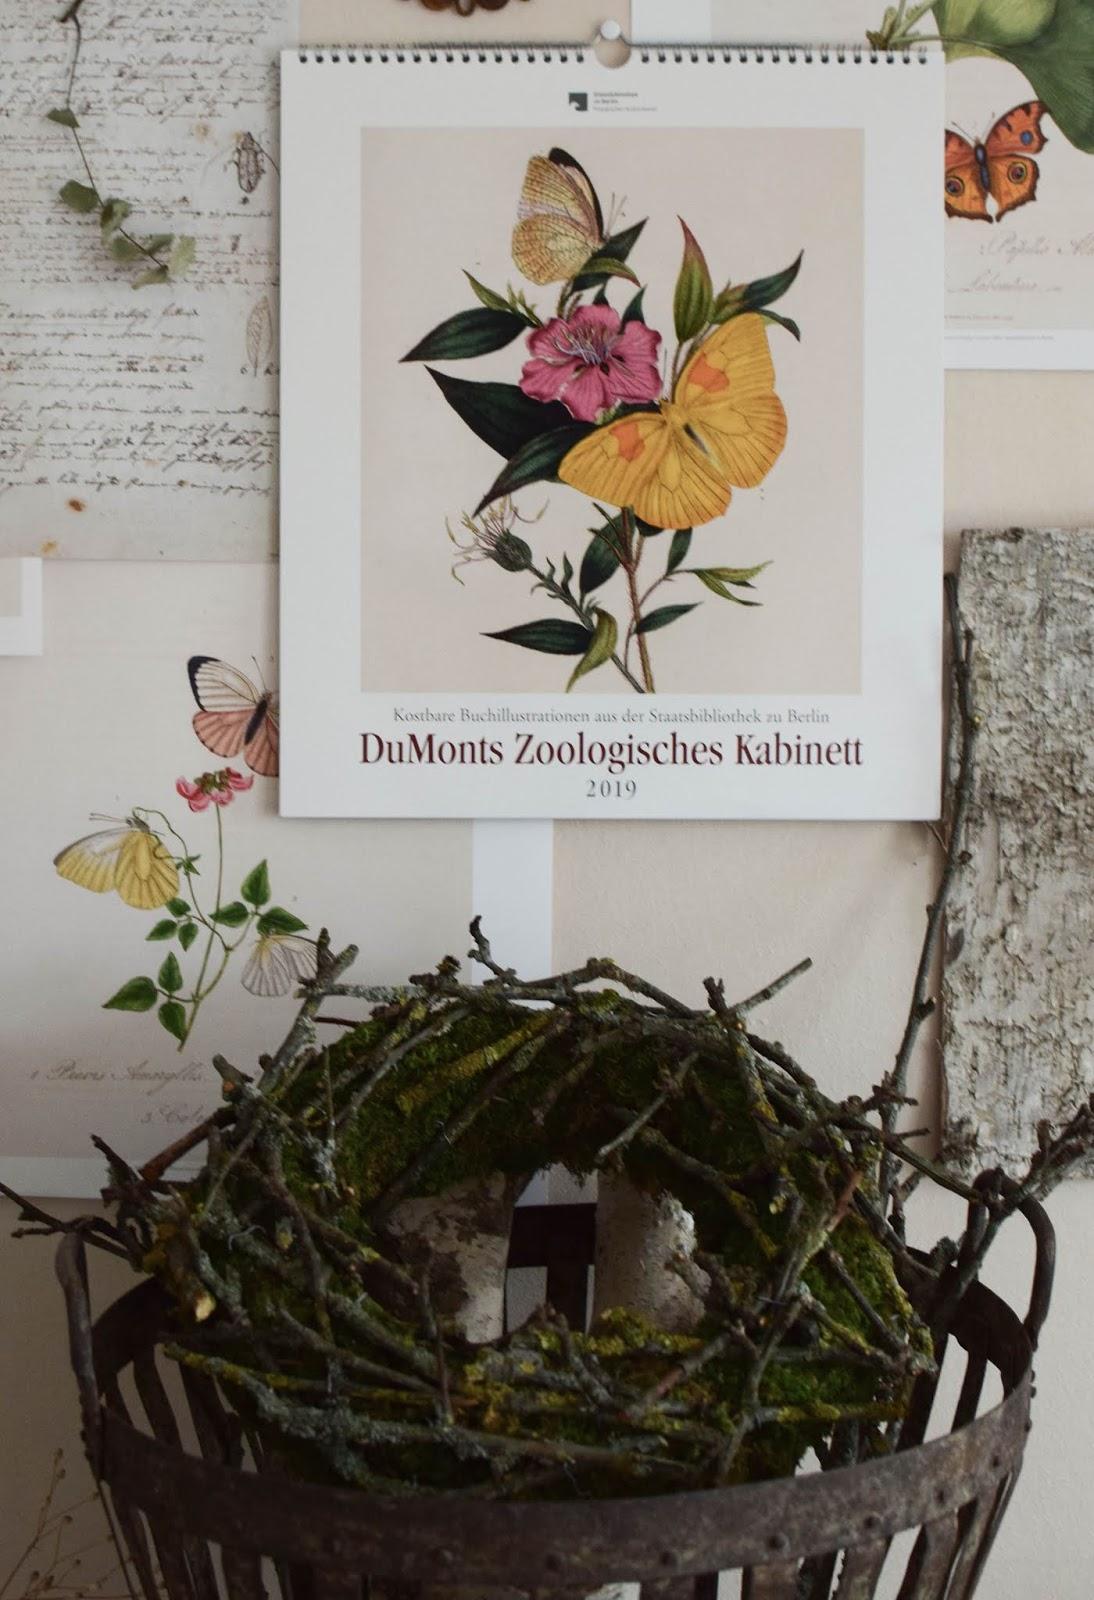 DIY Mooskranz mit Ästen selbermachen Kalender 2019 mit botanischen Zeichnungen Drucke Poster Deko Dekoidee Wanddeko von DUMONTs Zoologisches Kabinett